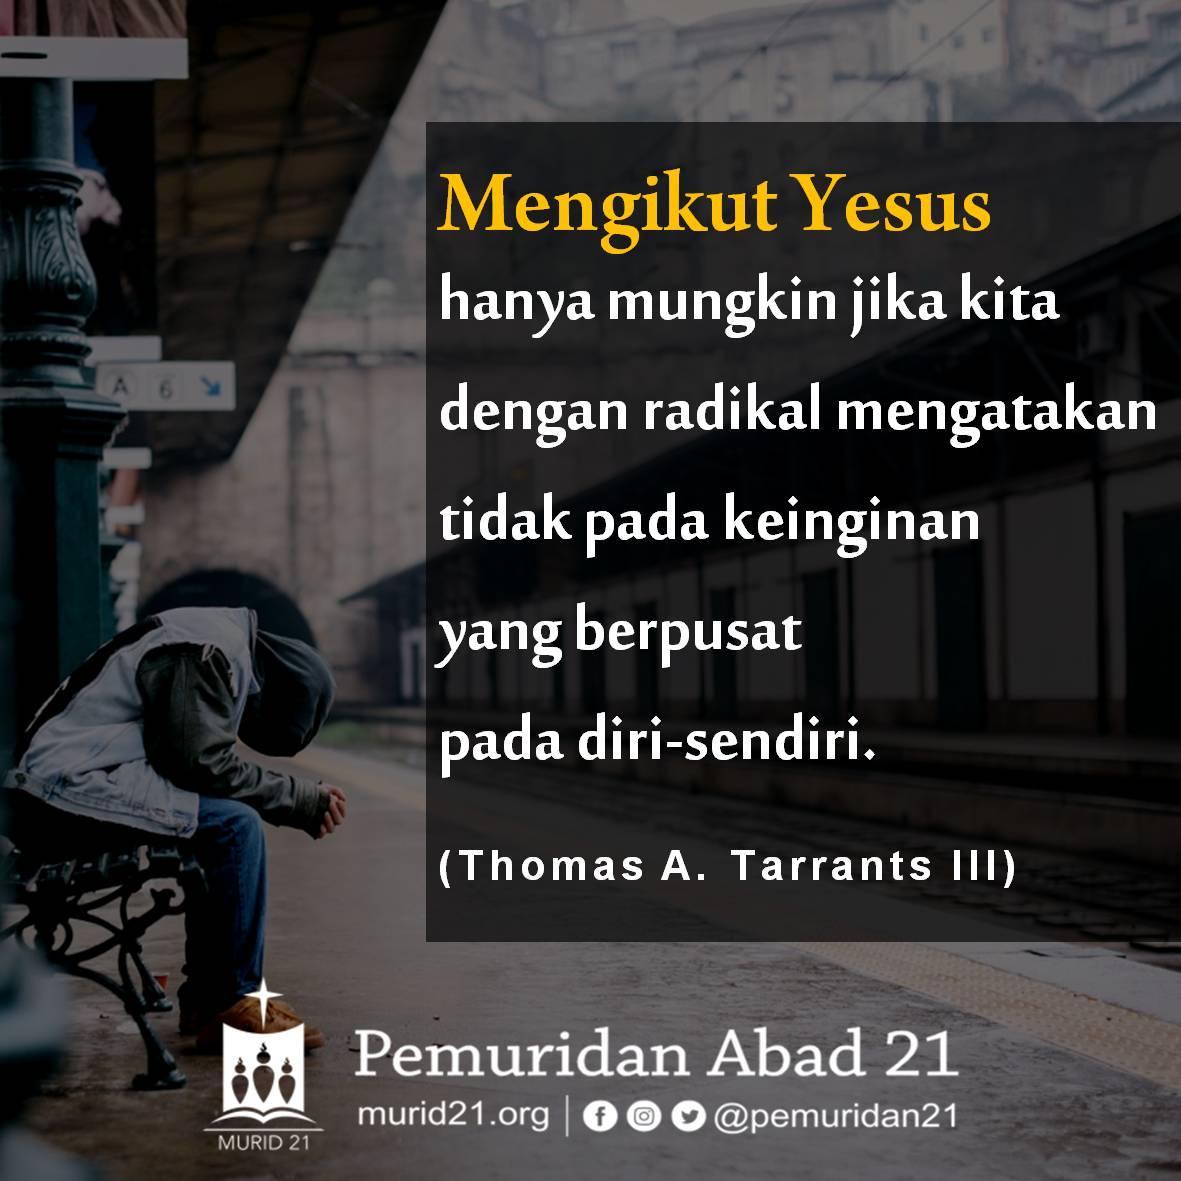 Mengikut Yesus hanya mungkin jika kita dengan radikal mengatakan tidak pada keinginan yang berpusat pada diri-sendiri. (Thomas A. Tarrants III)